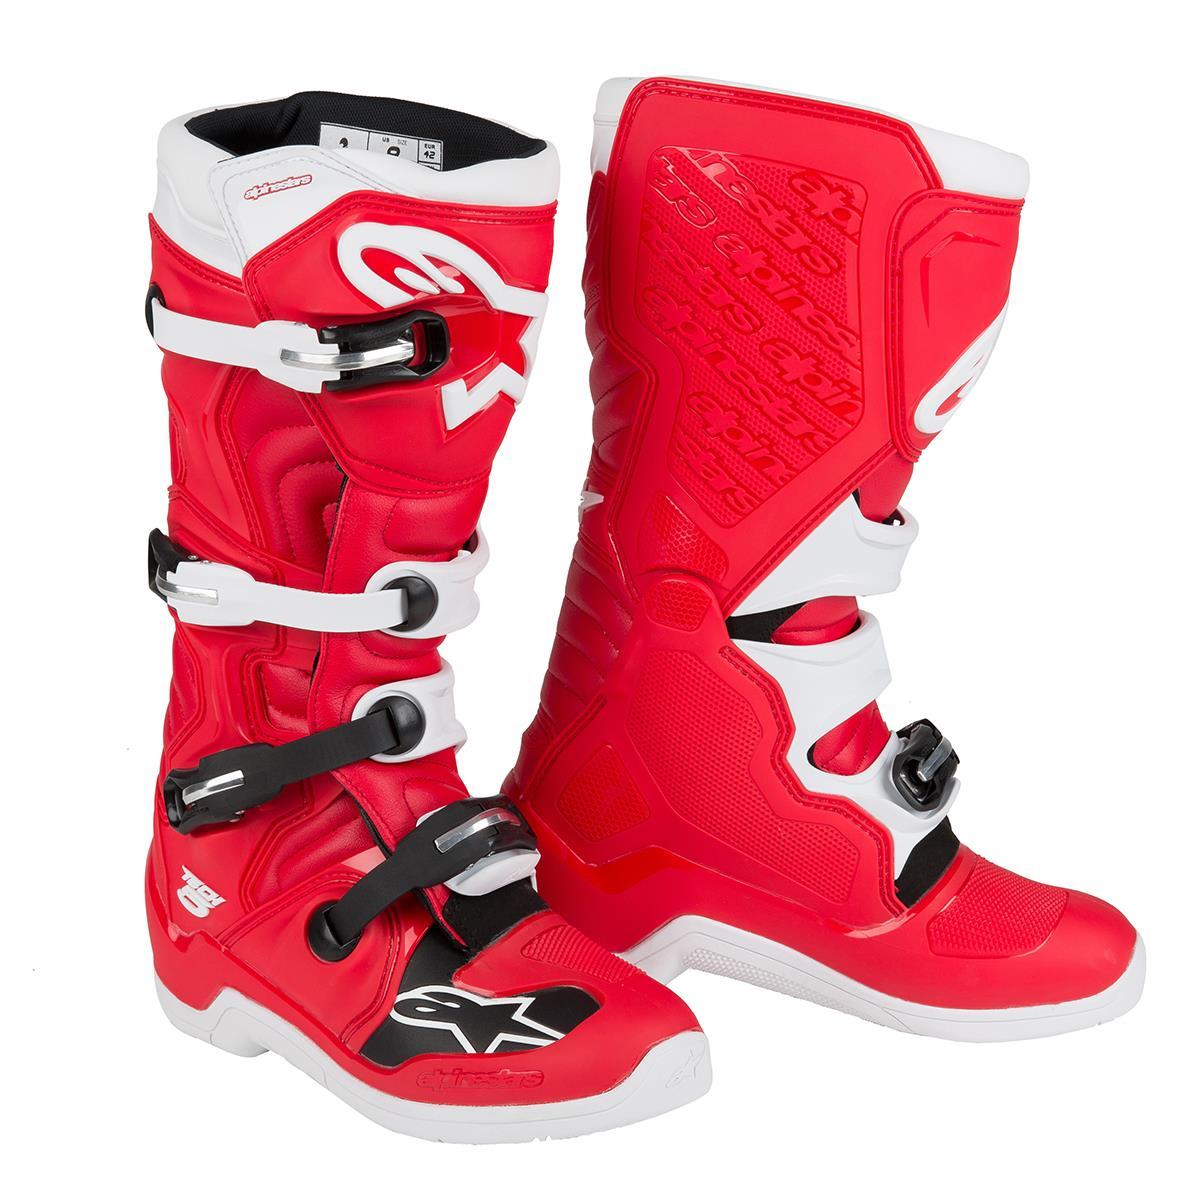 dde90437a61715 alpinestars-motocross-stiefel-mx-boots-tech-5-1.jpg